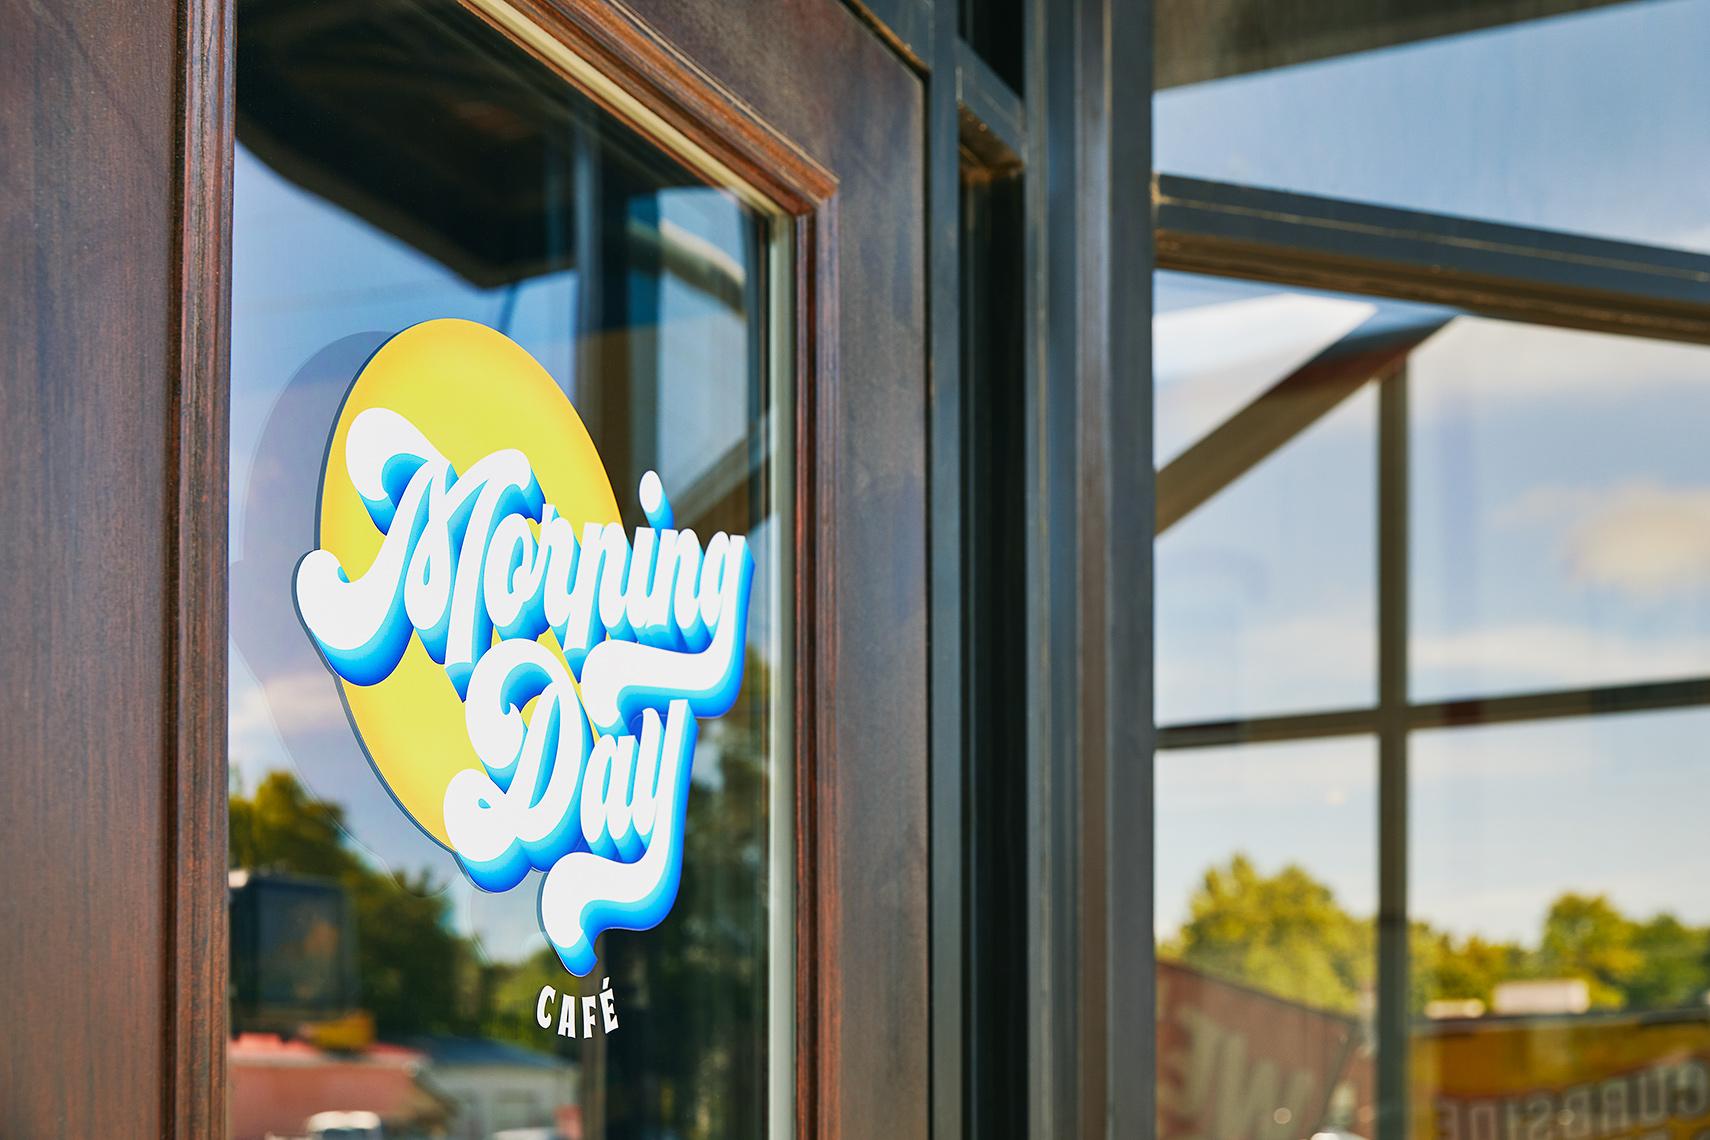 Restaurant Logo door vinyl